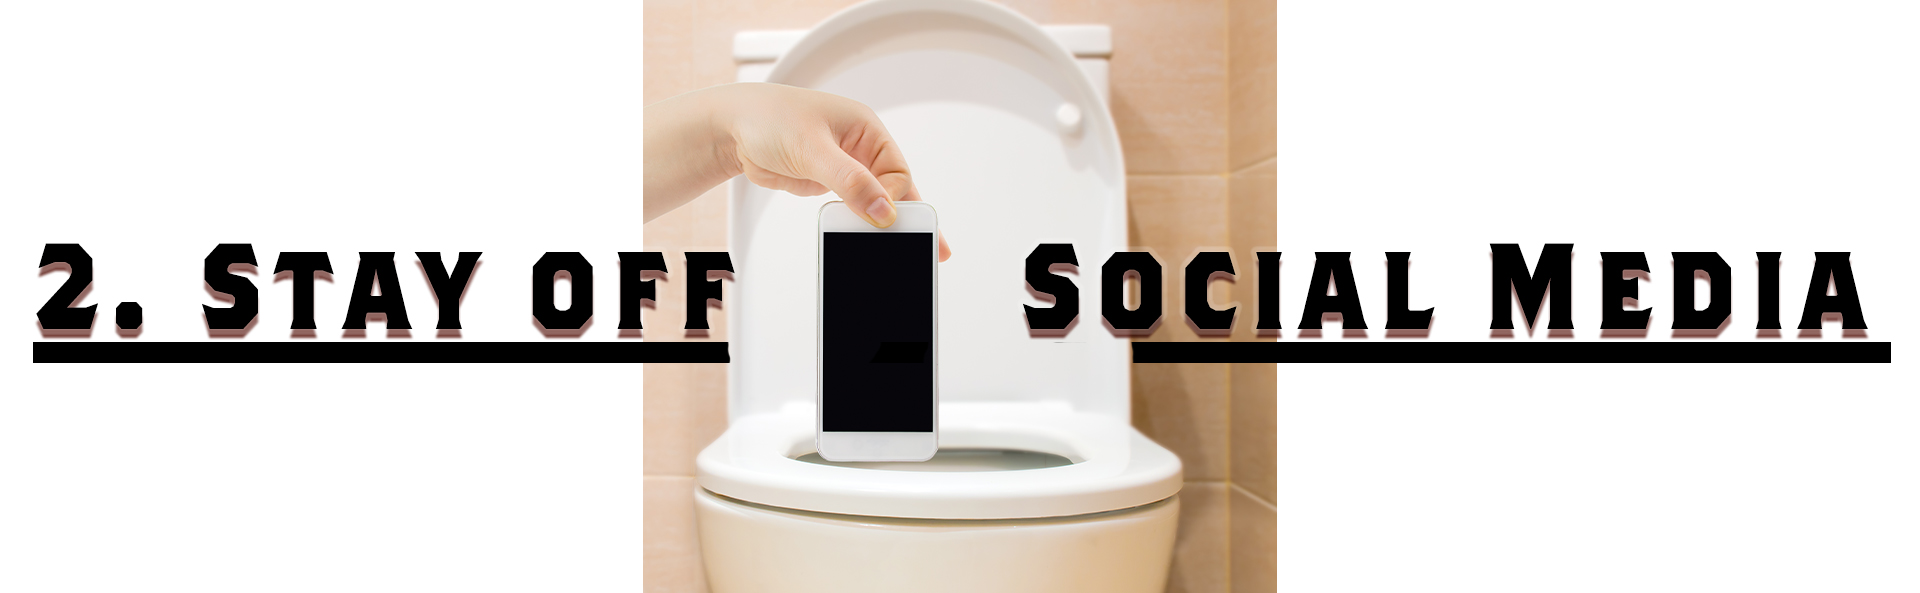 Stay off, Social Media